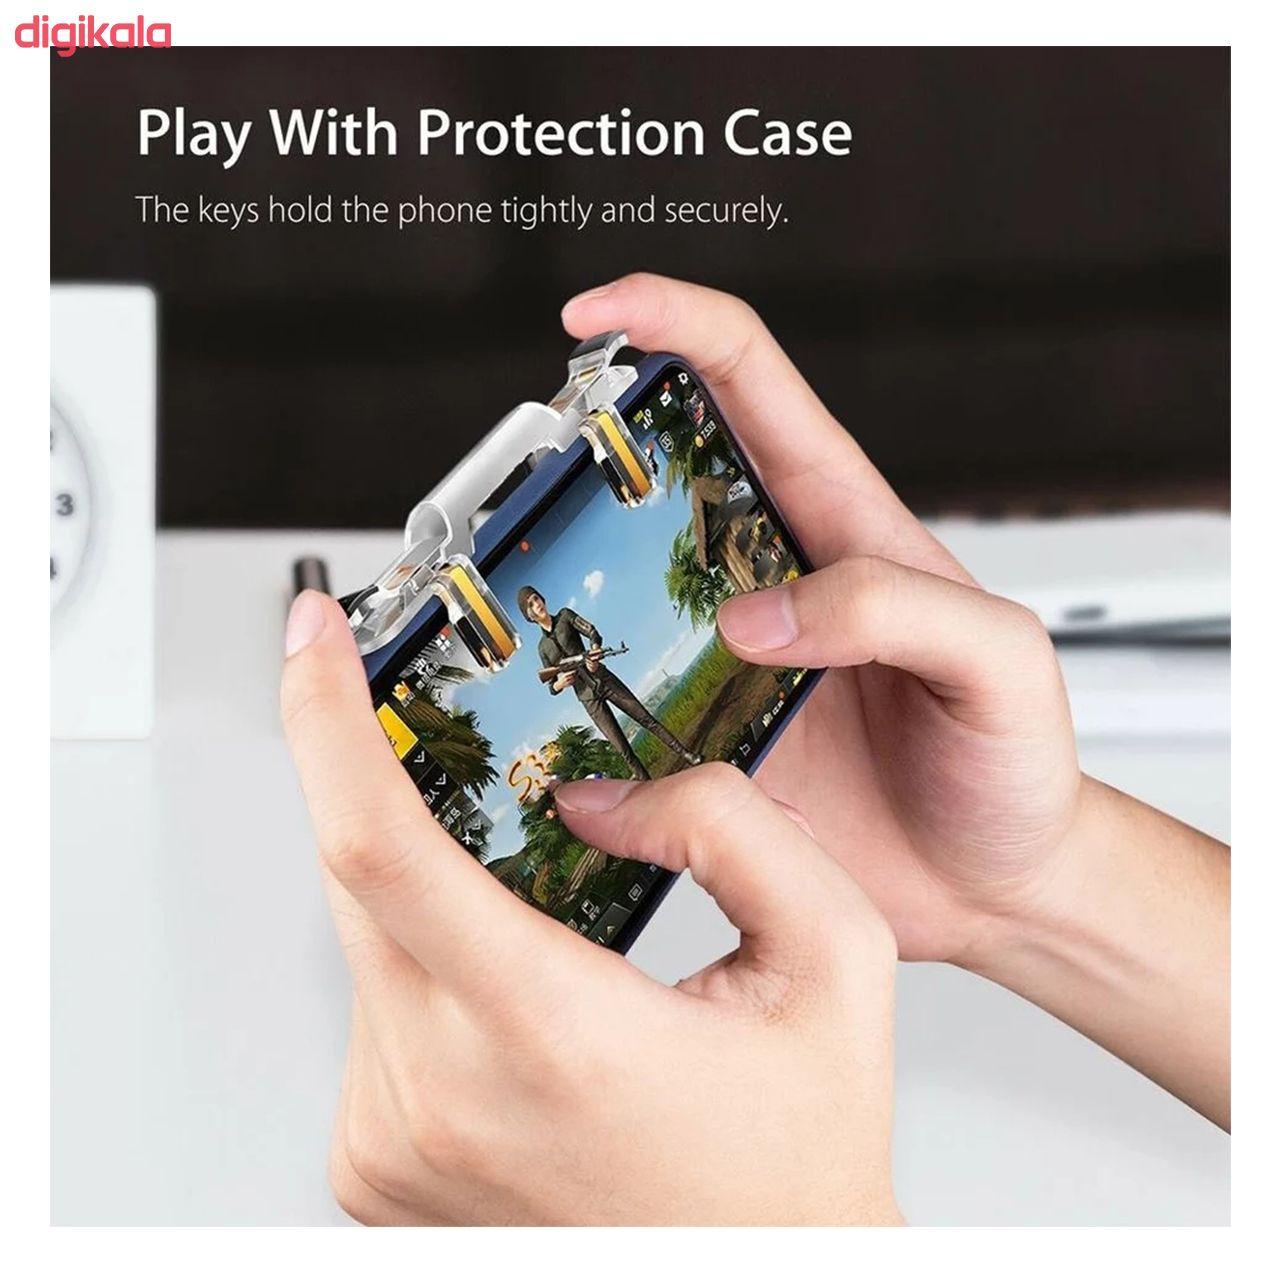 دسته بازی PubG هوک مدل HK001 مناسب برای گوشی موبایل main 1 4